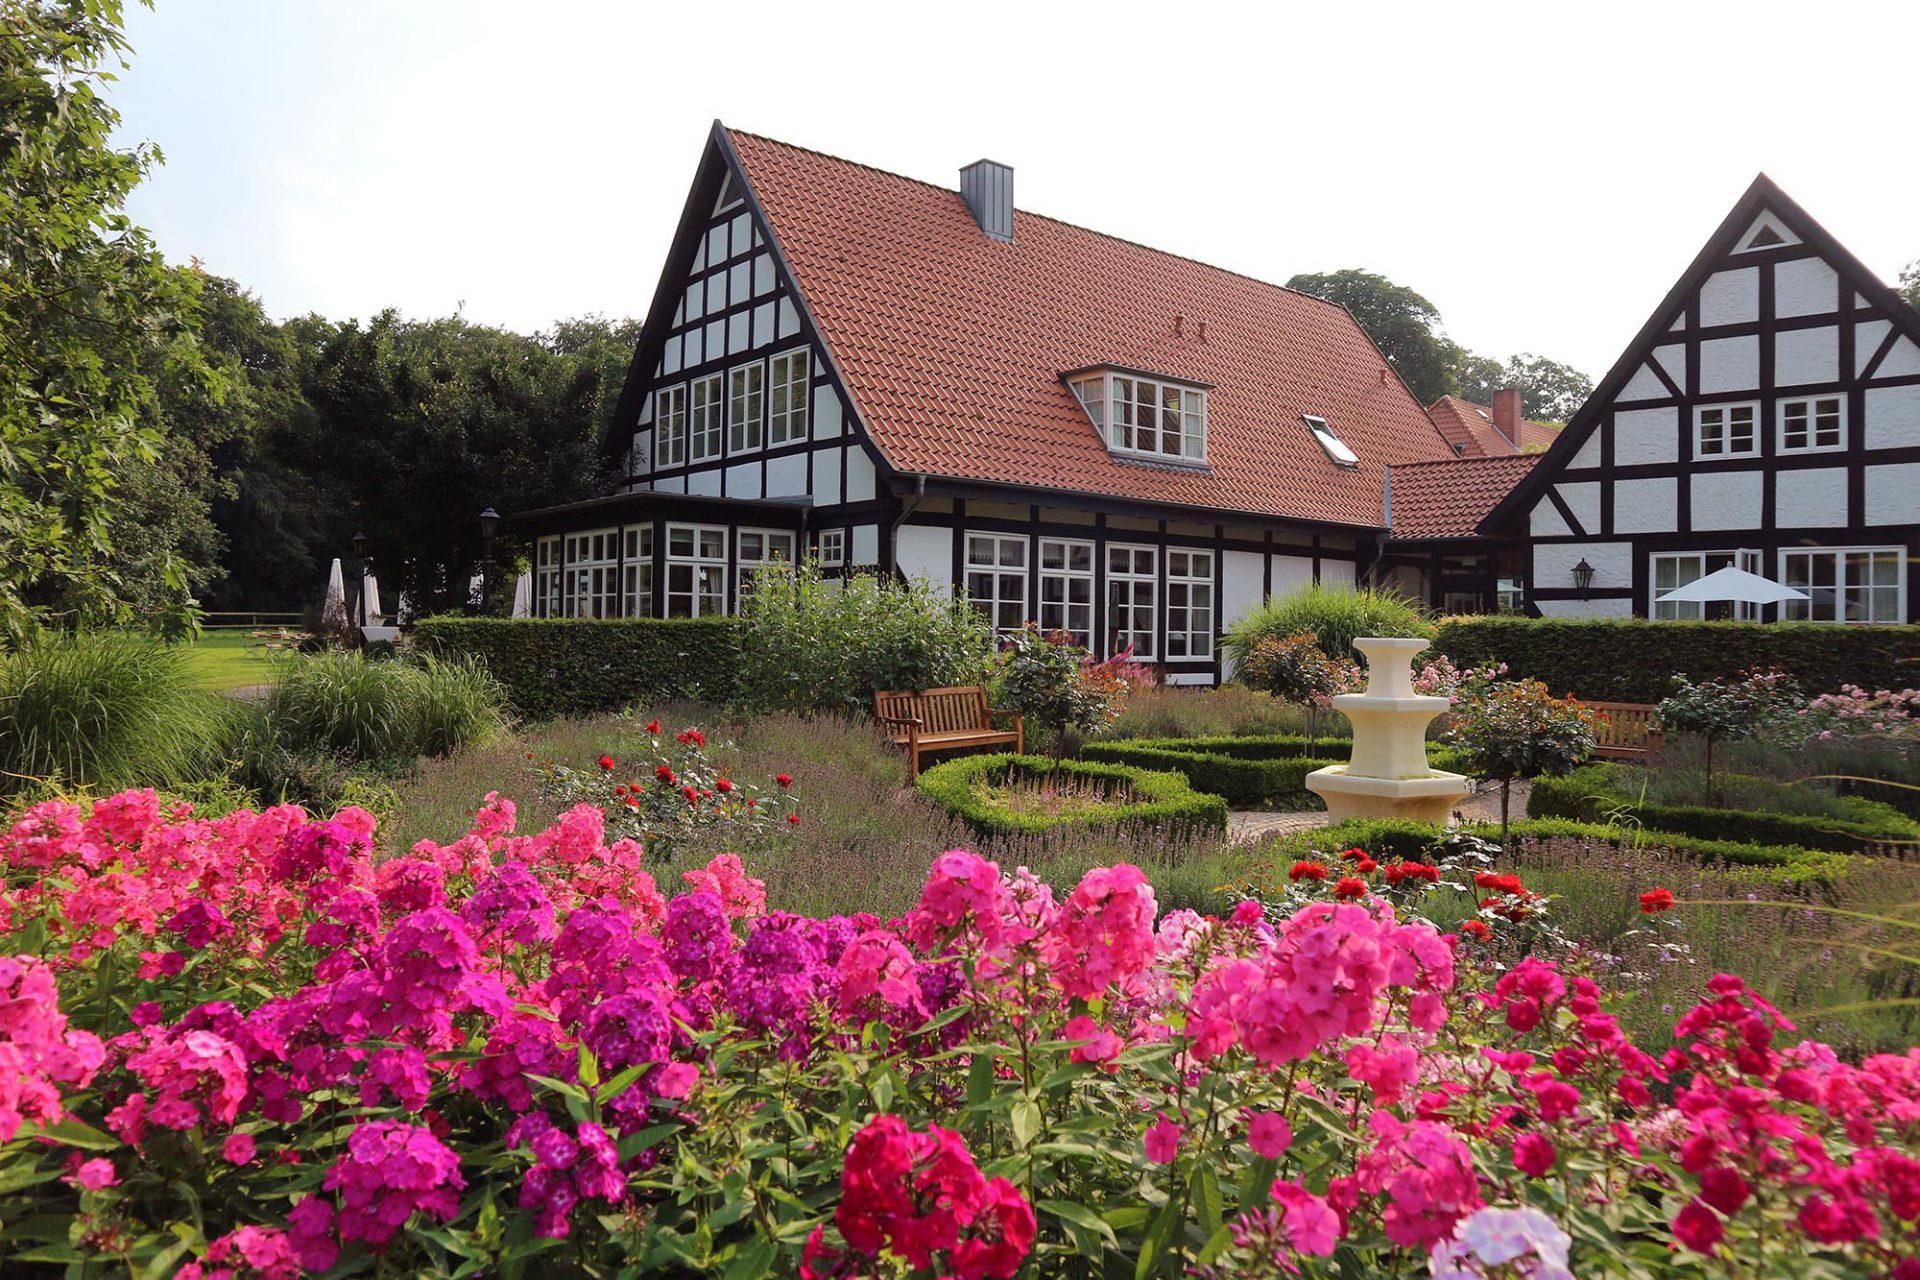 Forsthaus Heiligenberg. Gehegt und gepflegt: neben Blumenpracht wird auch ein Kräutergarten kultiviert. Die Kräuter landen in der guten Küche des Hauses.